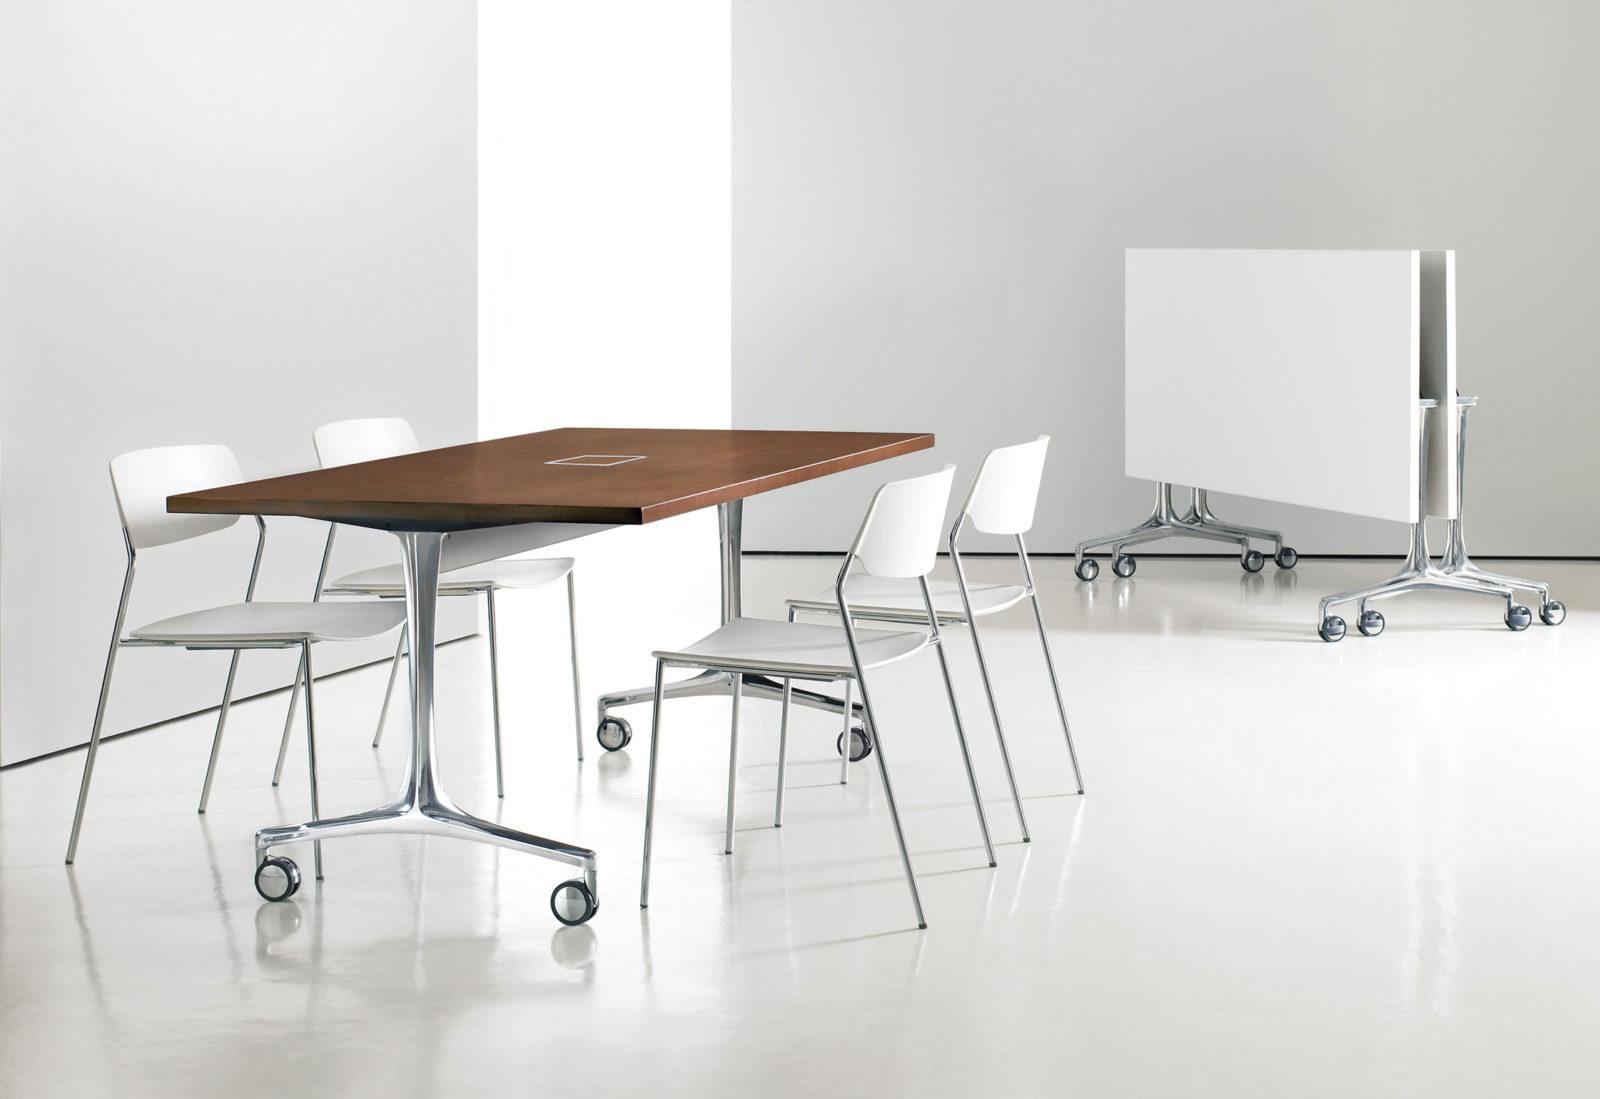 Serif Task Table for Bernhardt Design, 2011